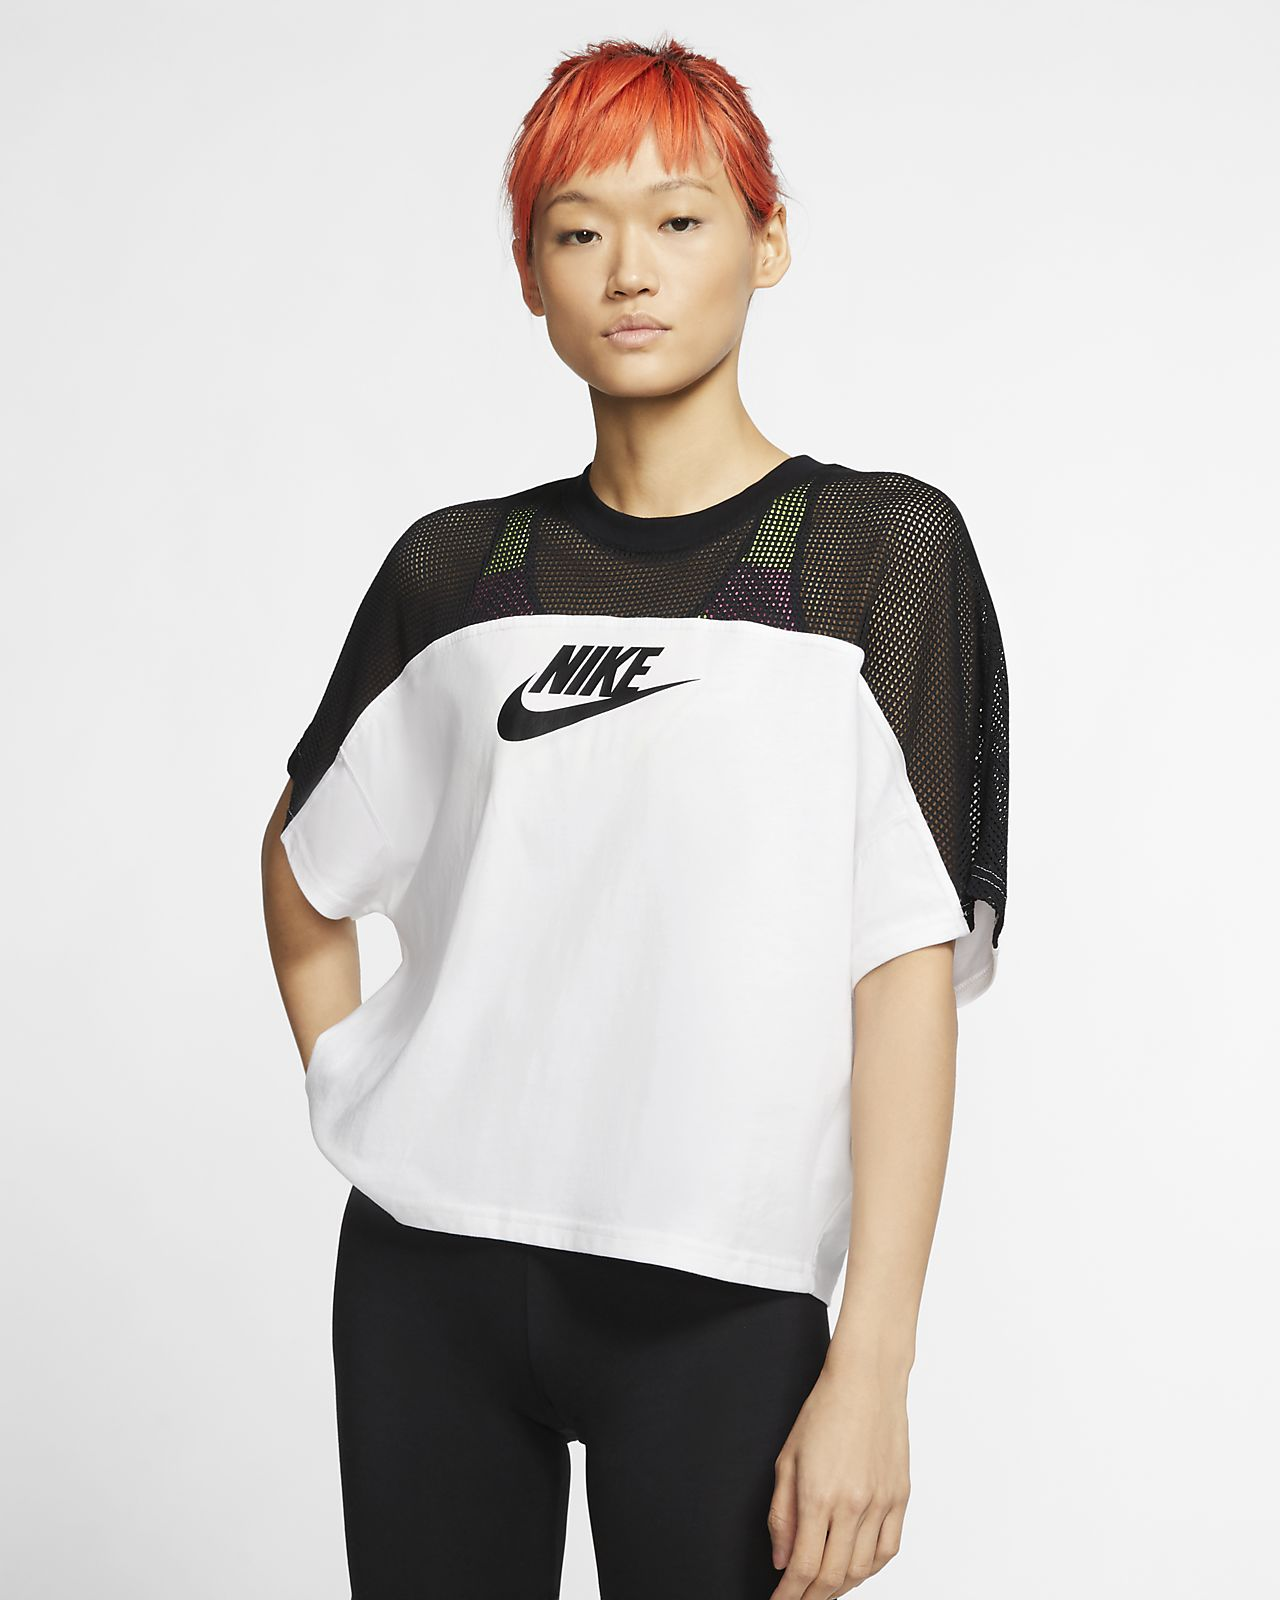 Dámský síťovinový top Nike Sportswear s krátkým rukávem